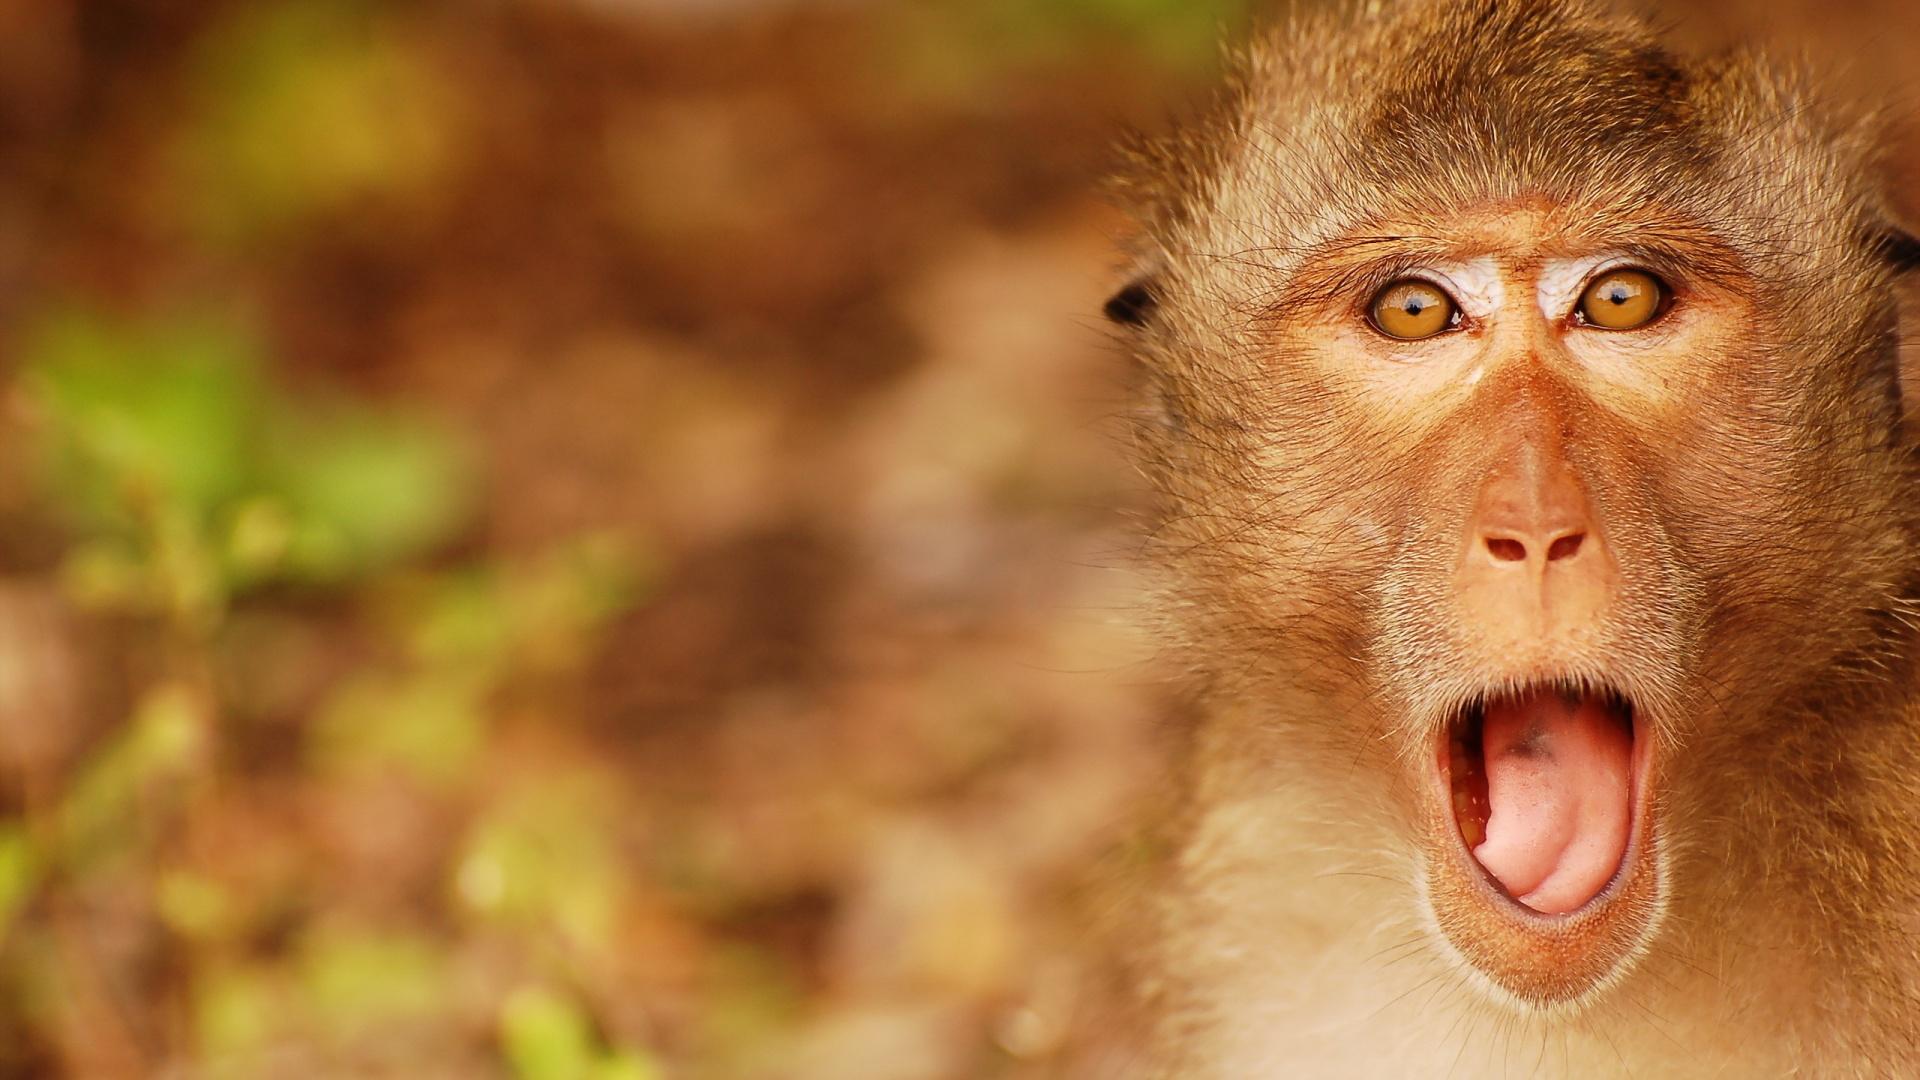 Monkey Wallpaper, Top HD Monkey Pics, #QBP HD